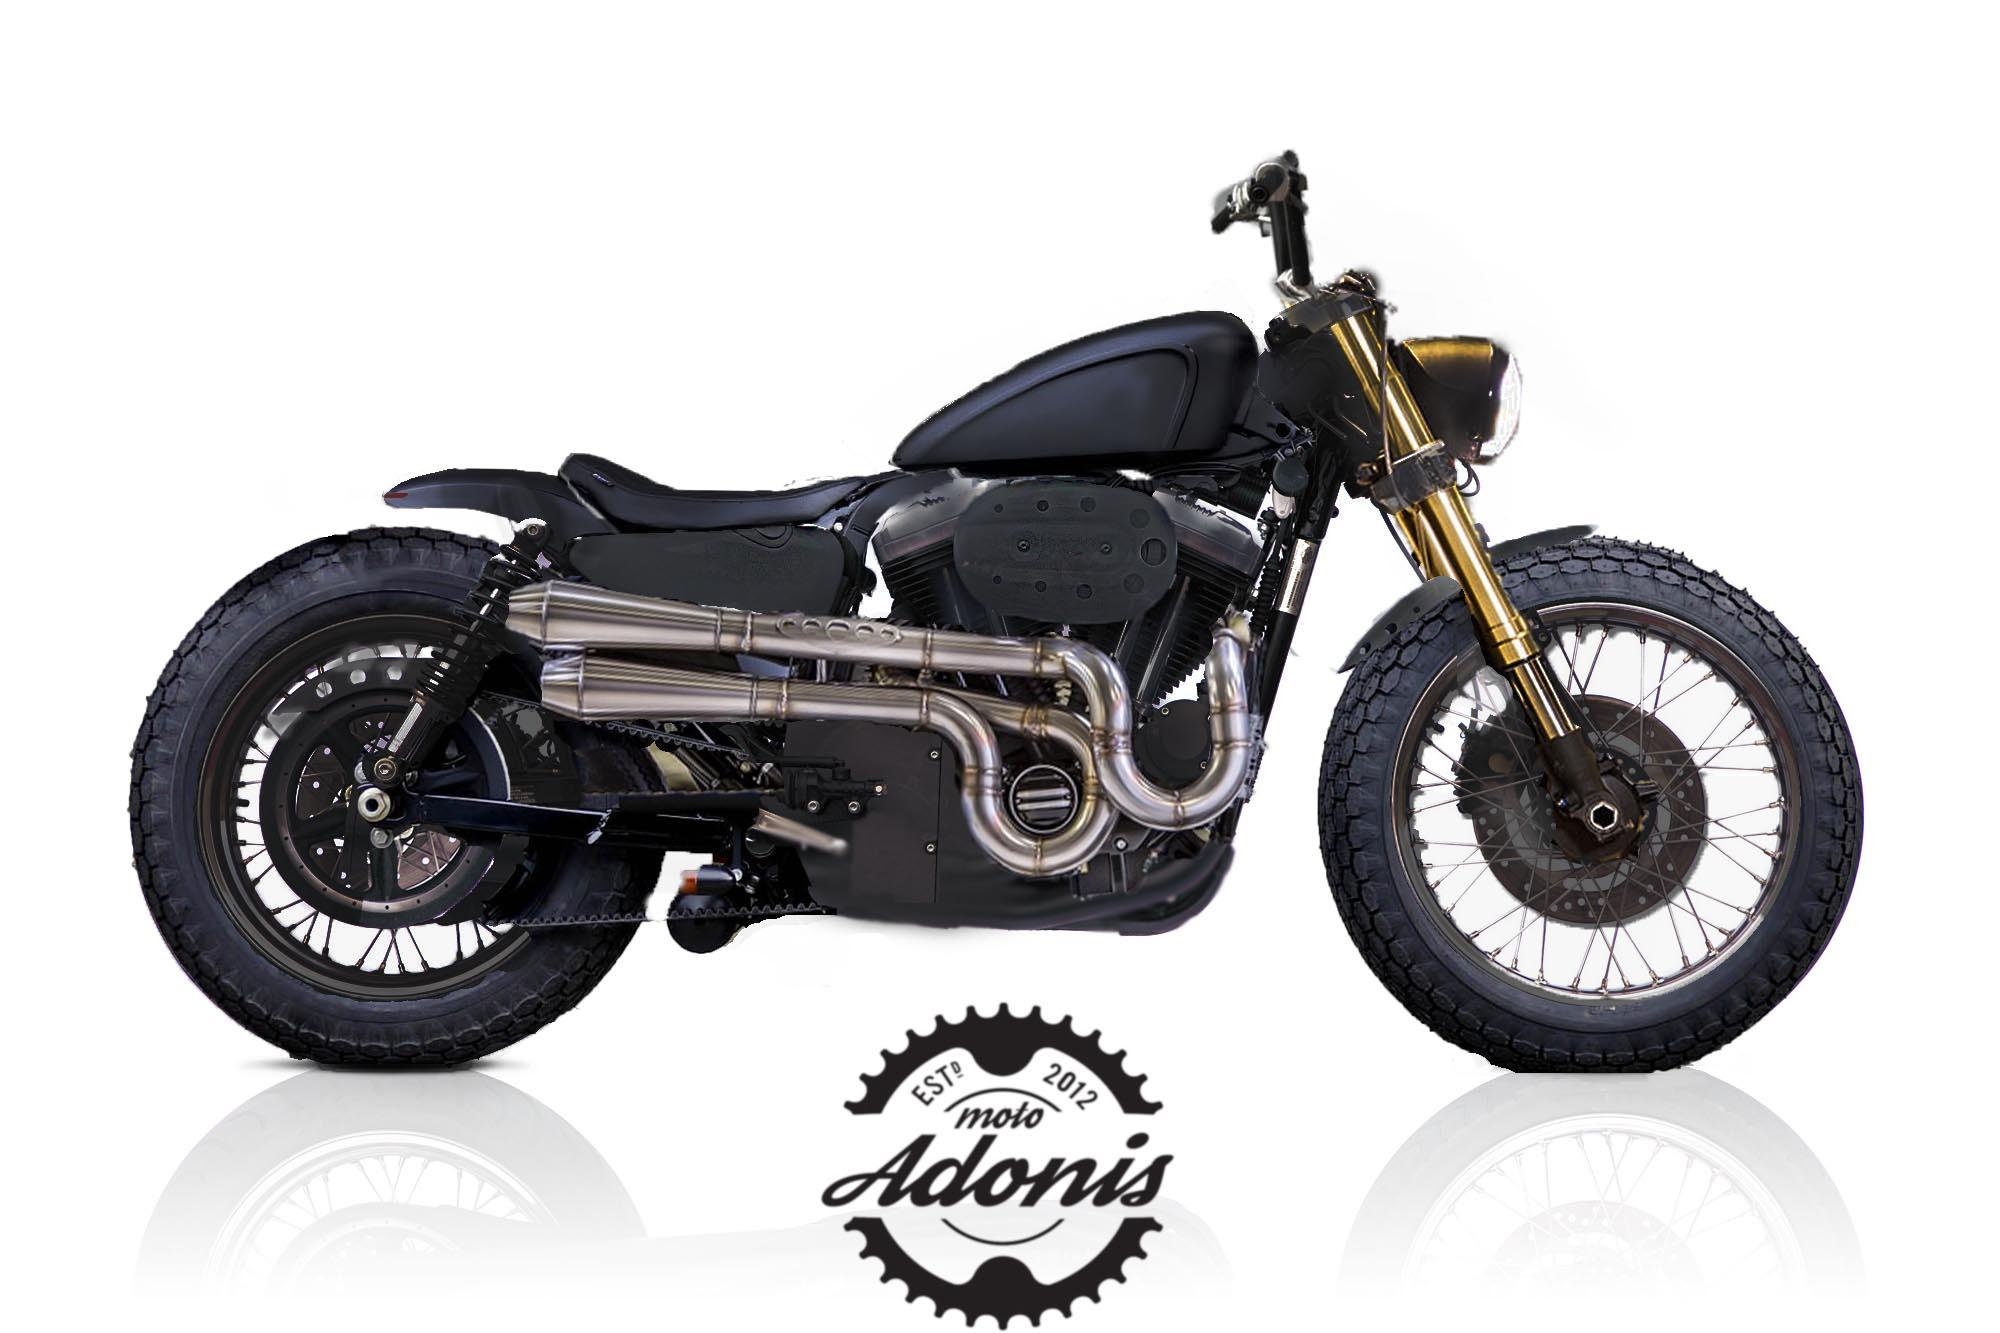 moto adonis harley davidson MAN MAN